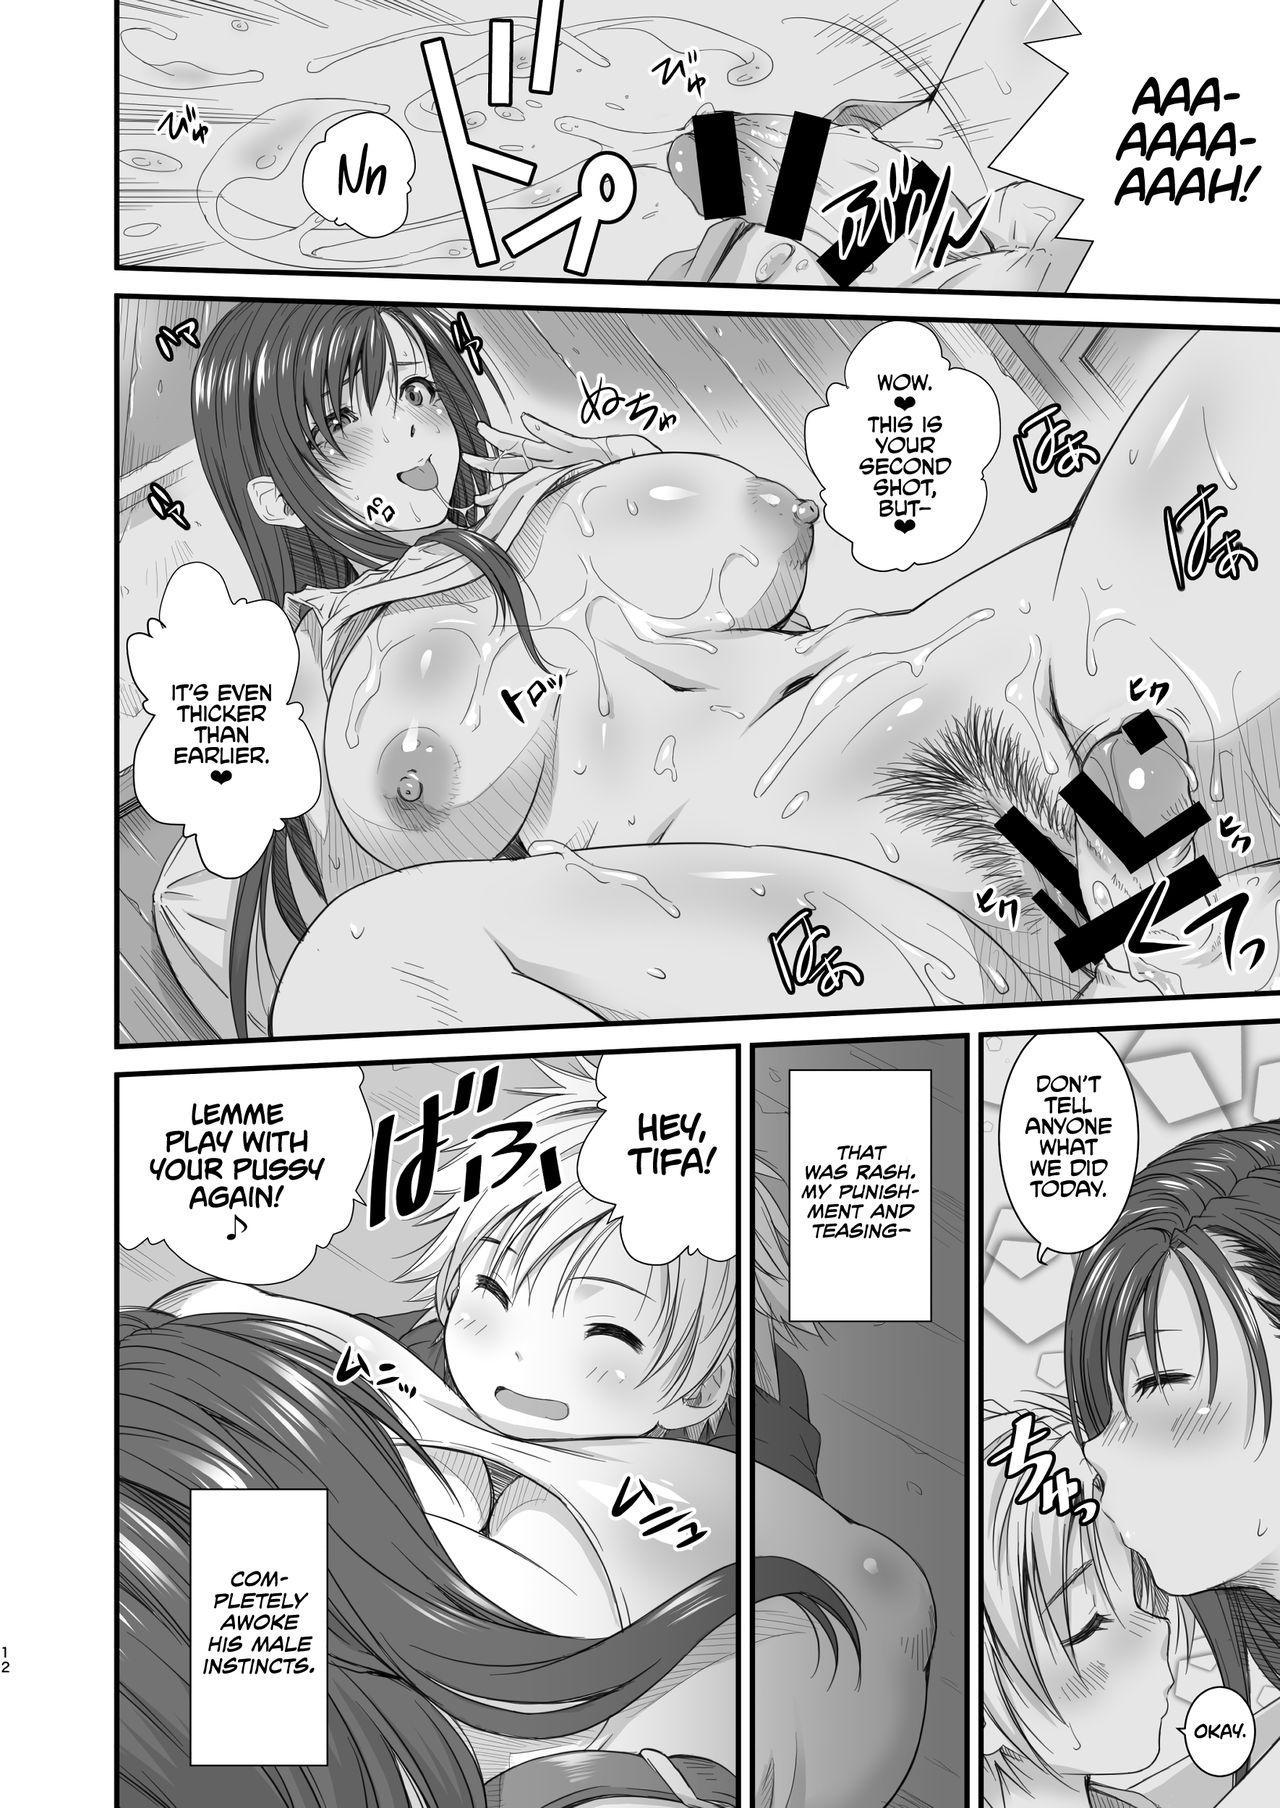 TTAP - Tifa's Tits! Ass!! Pussy!!! 11